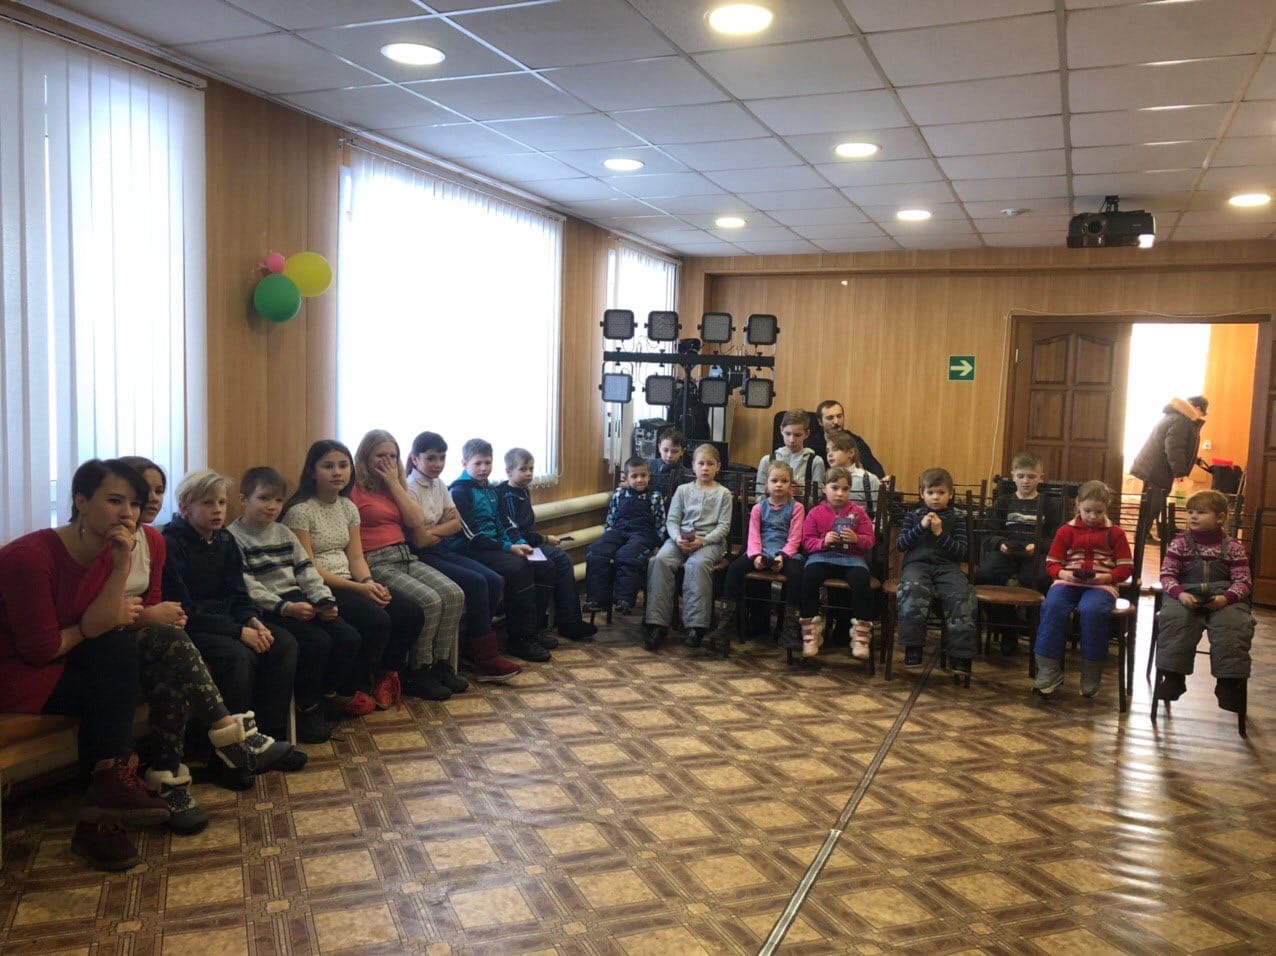 в рамках акции #ЩедрыйВторник состоялся бесплатный показ мультфильма для воспитанников Центра социальной помощи семье и детям.